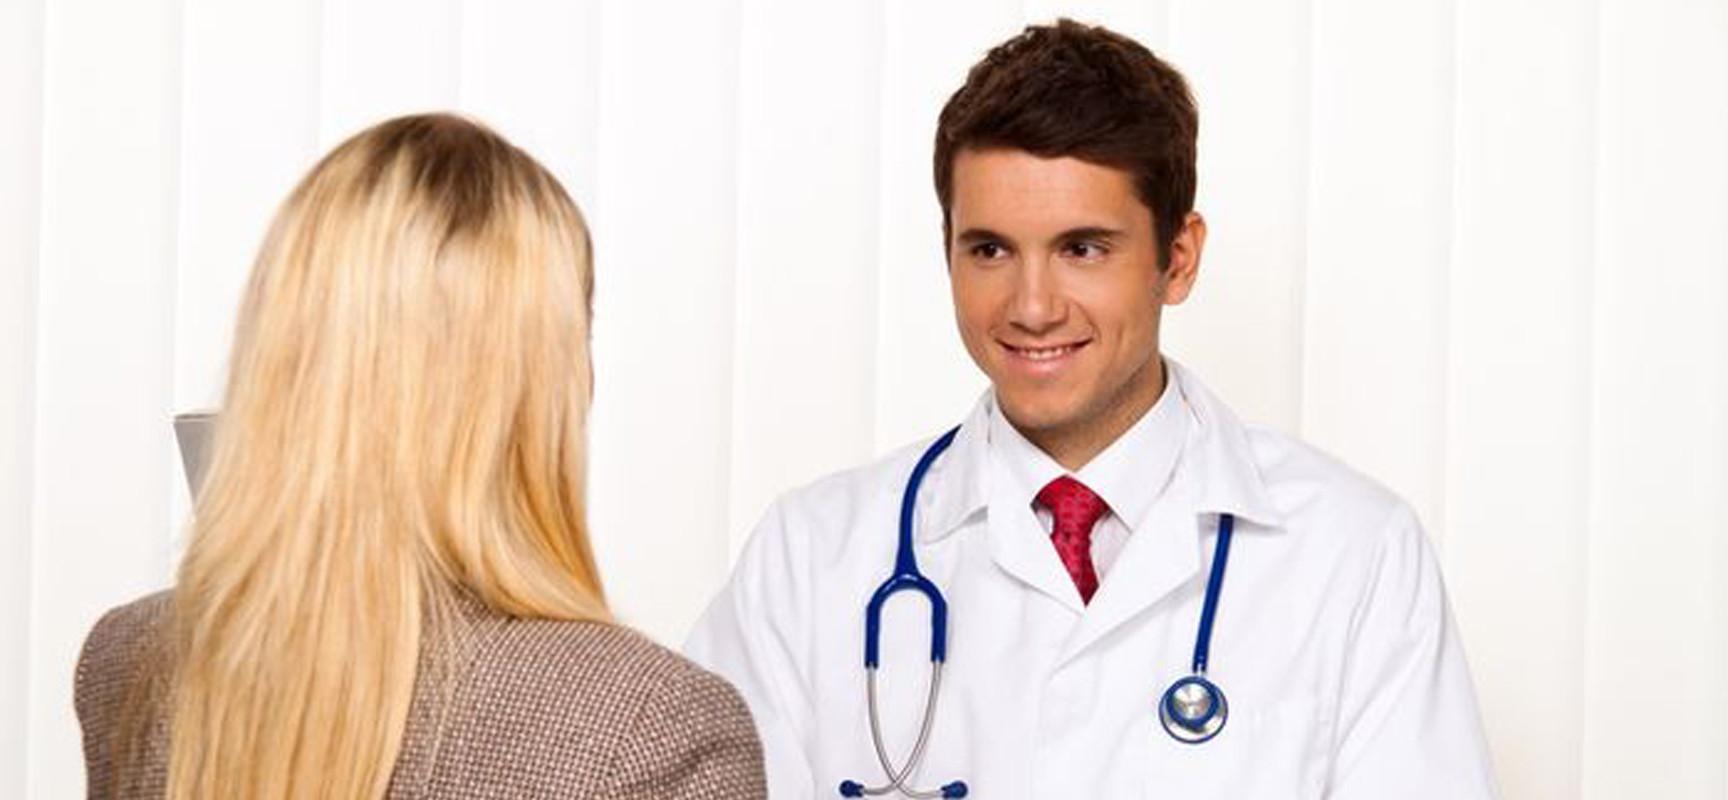 Картинки по запросу врач